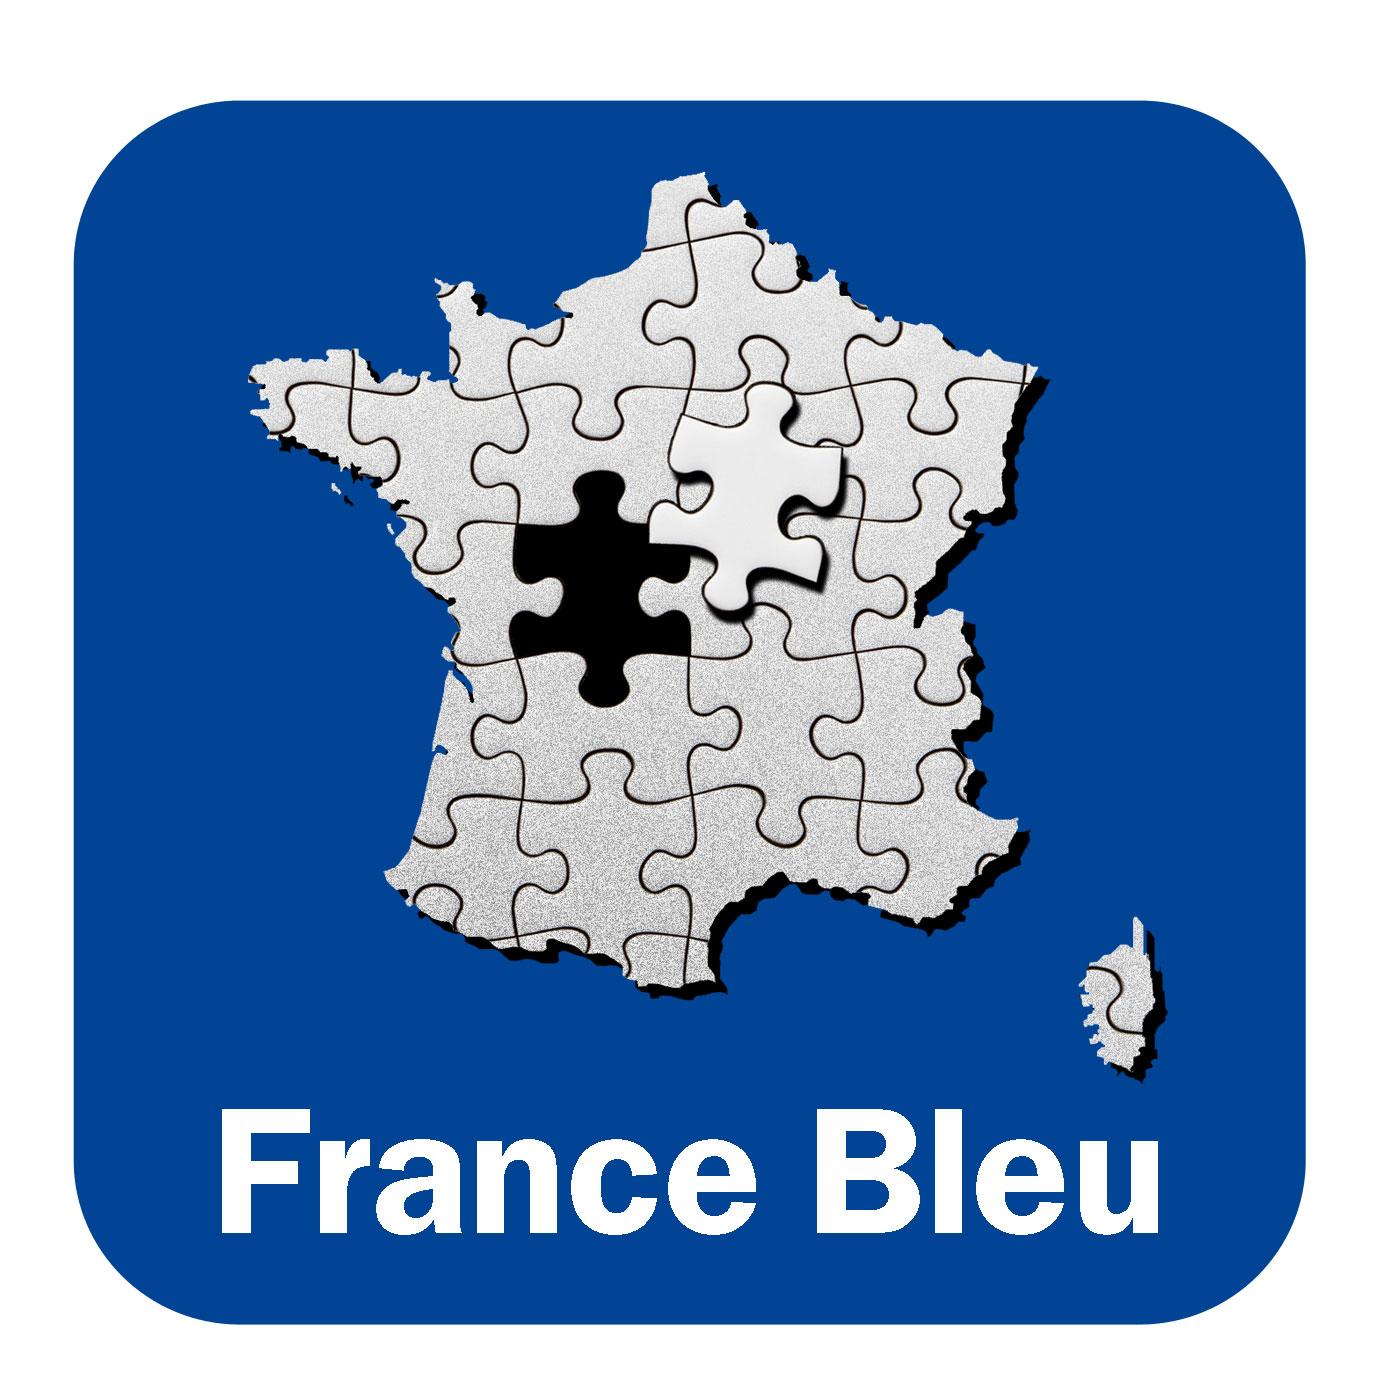 Les producteurs locaux des Alpes-Maritimes FB Azur